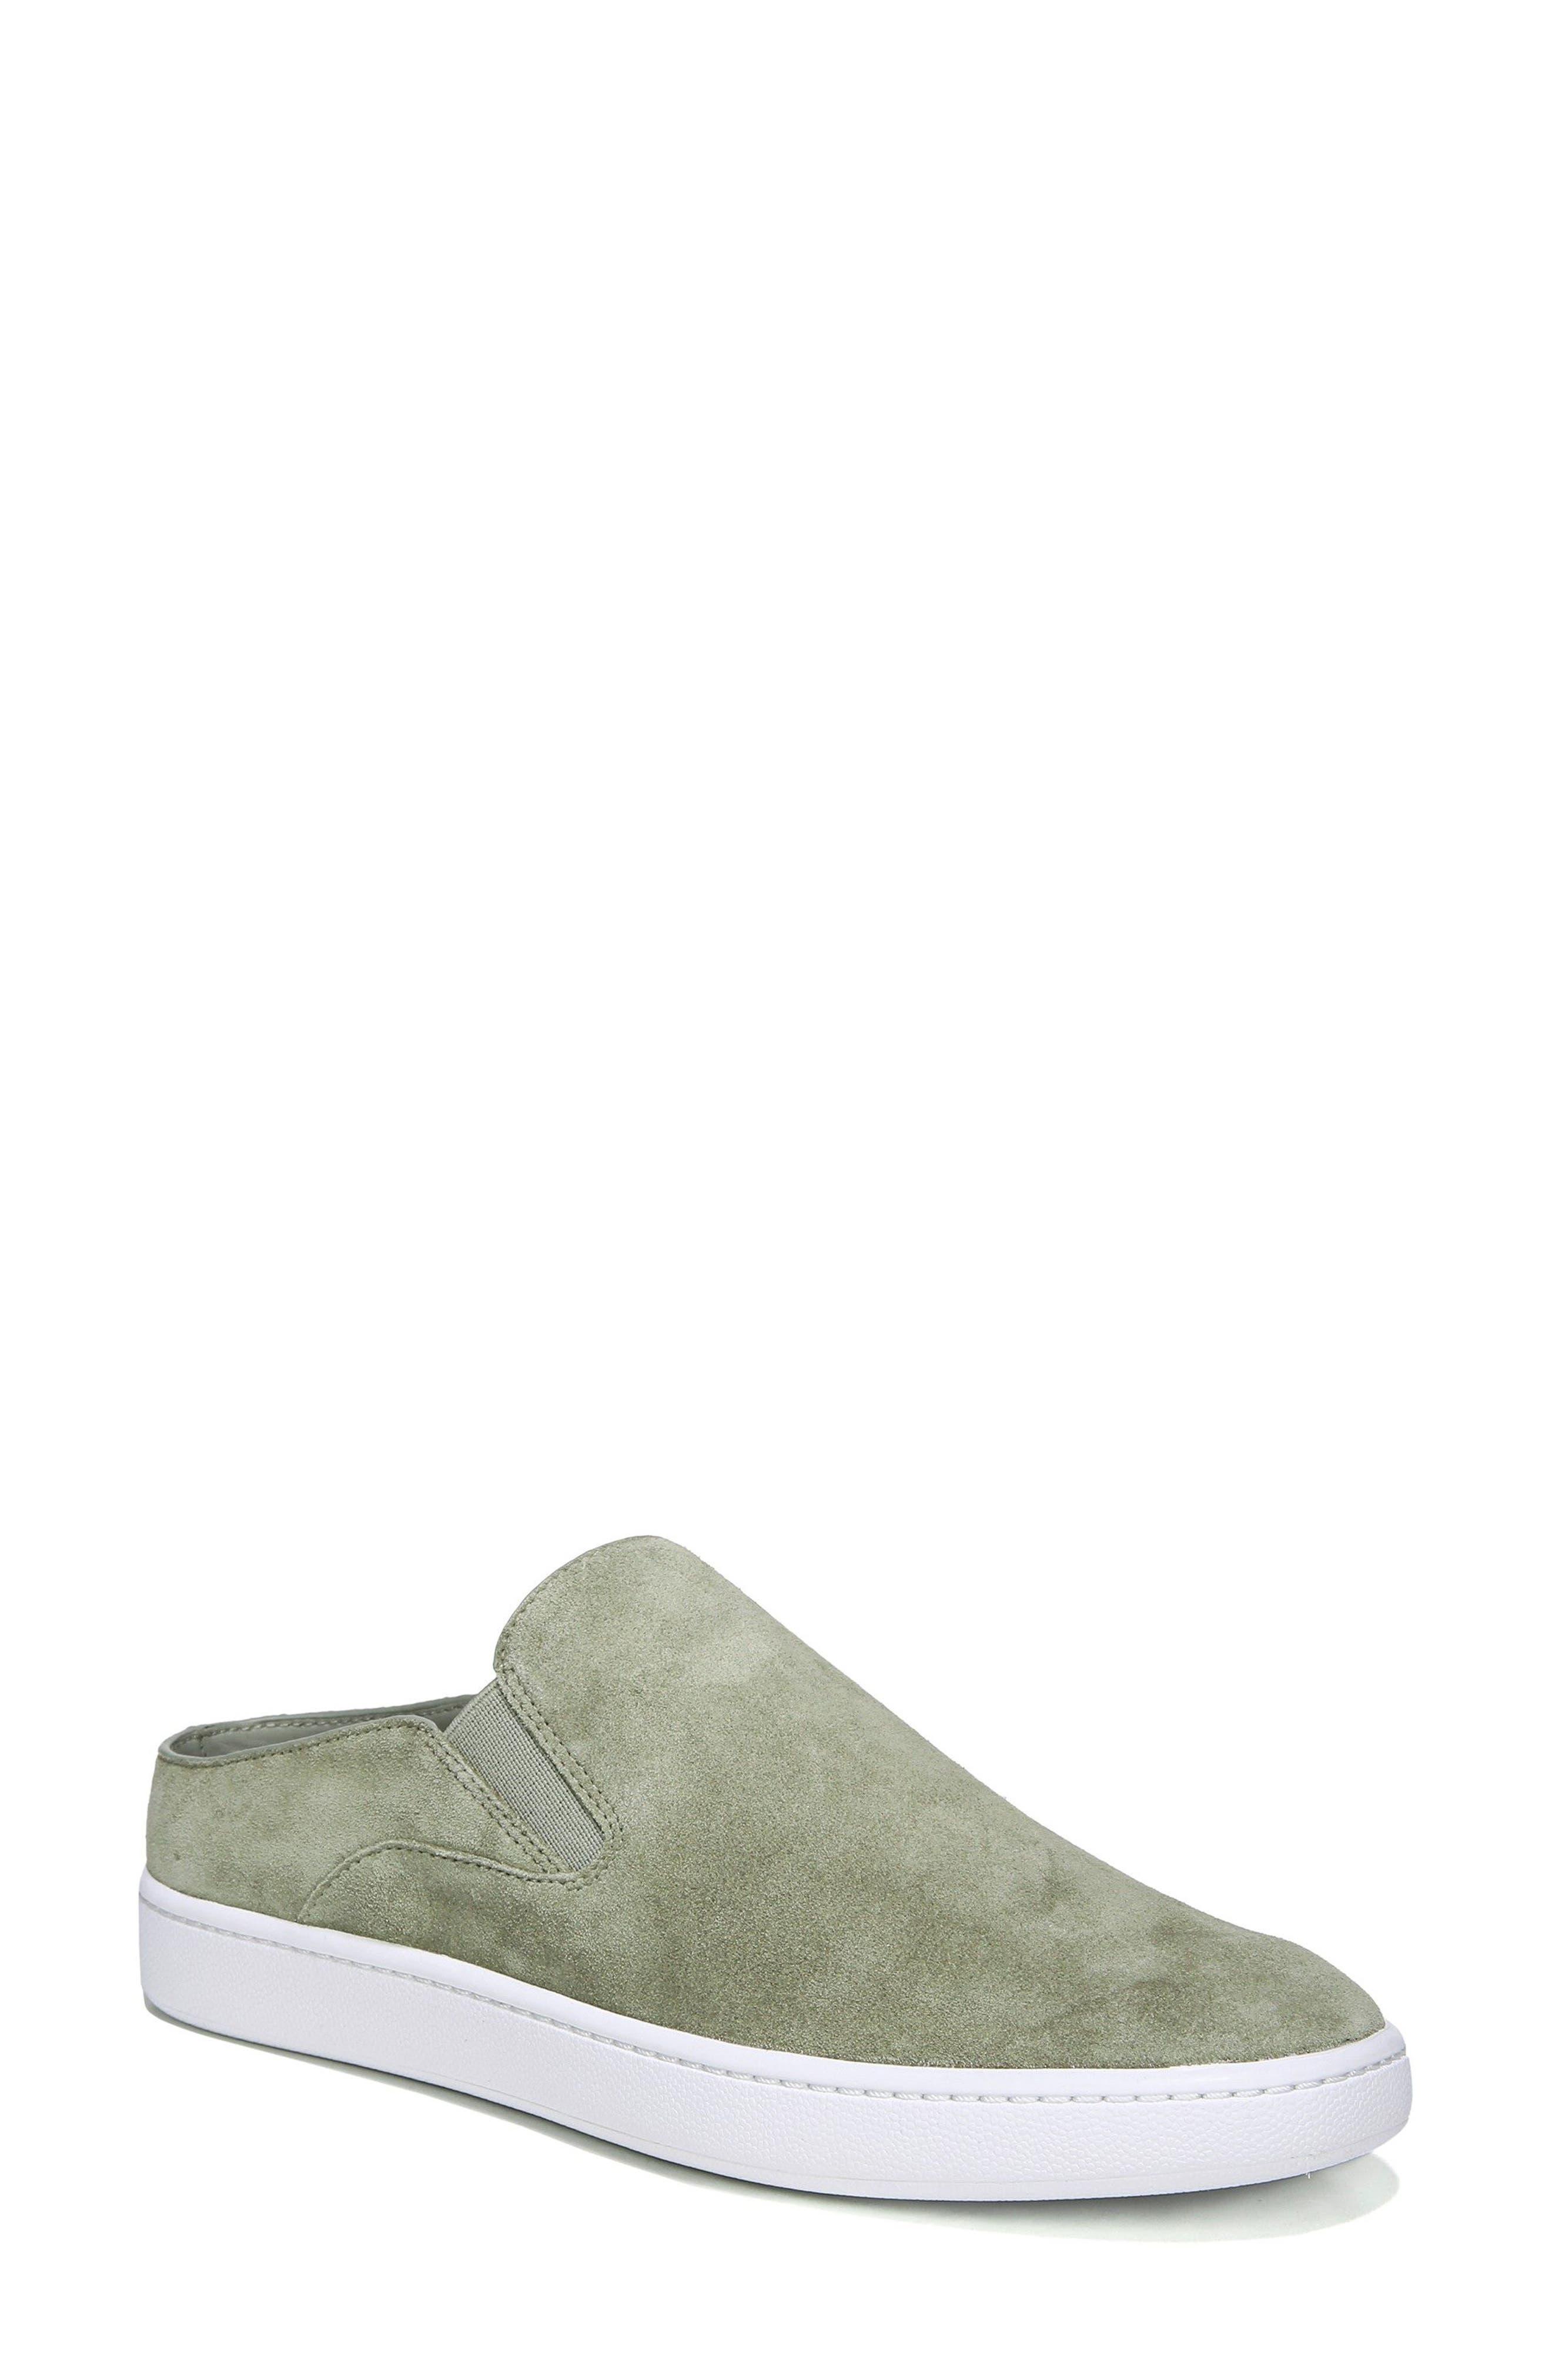 Alternate Image 1 Selected - Vince Verrell Slip-On Sneaker (Women)